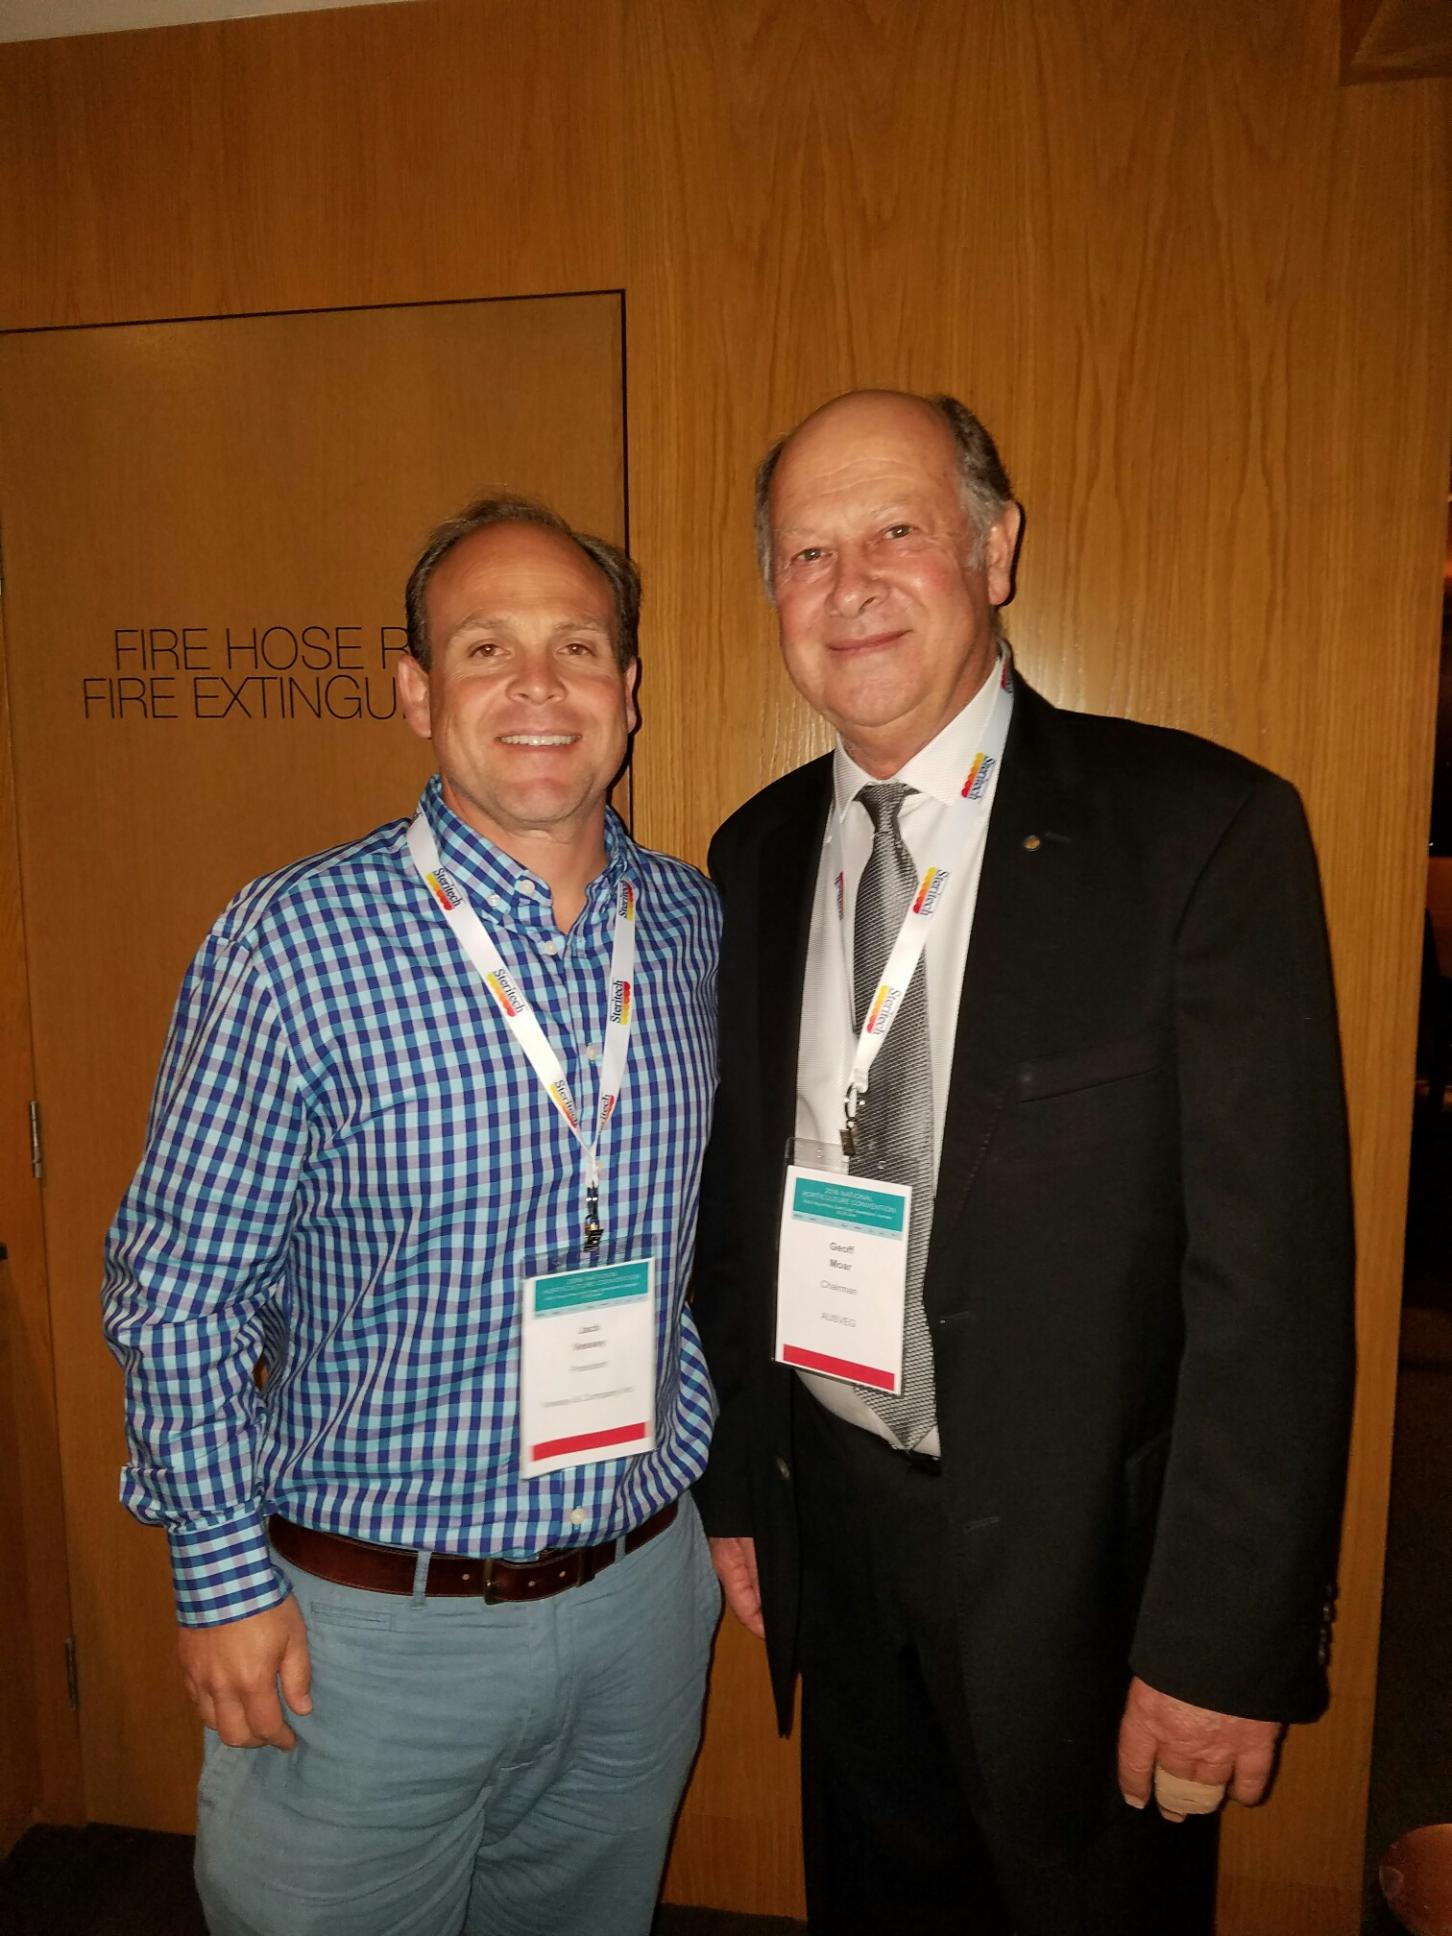 Jack with Geoff Moar, Chairman of AUSVEG Board of Directors